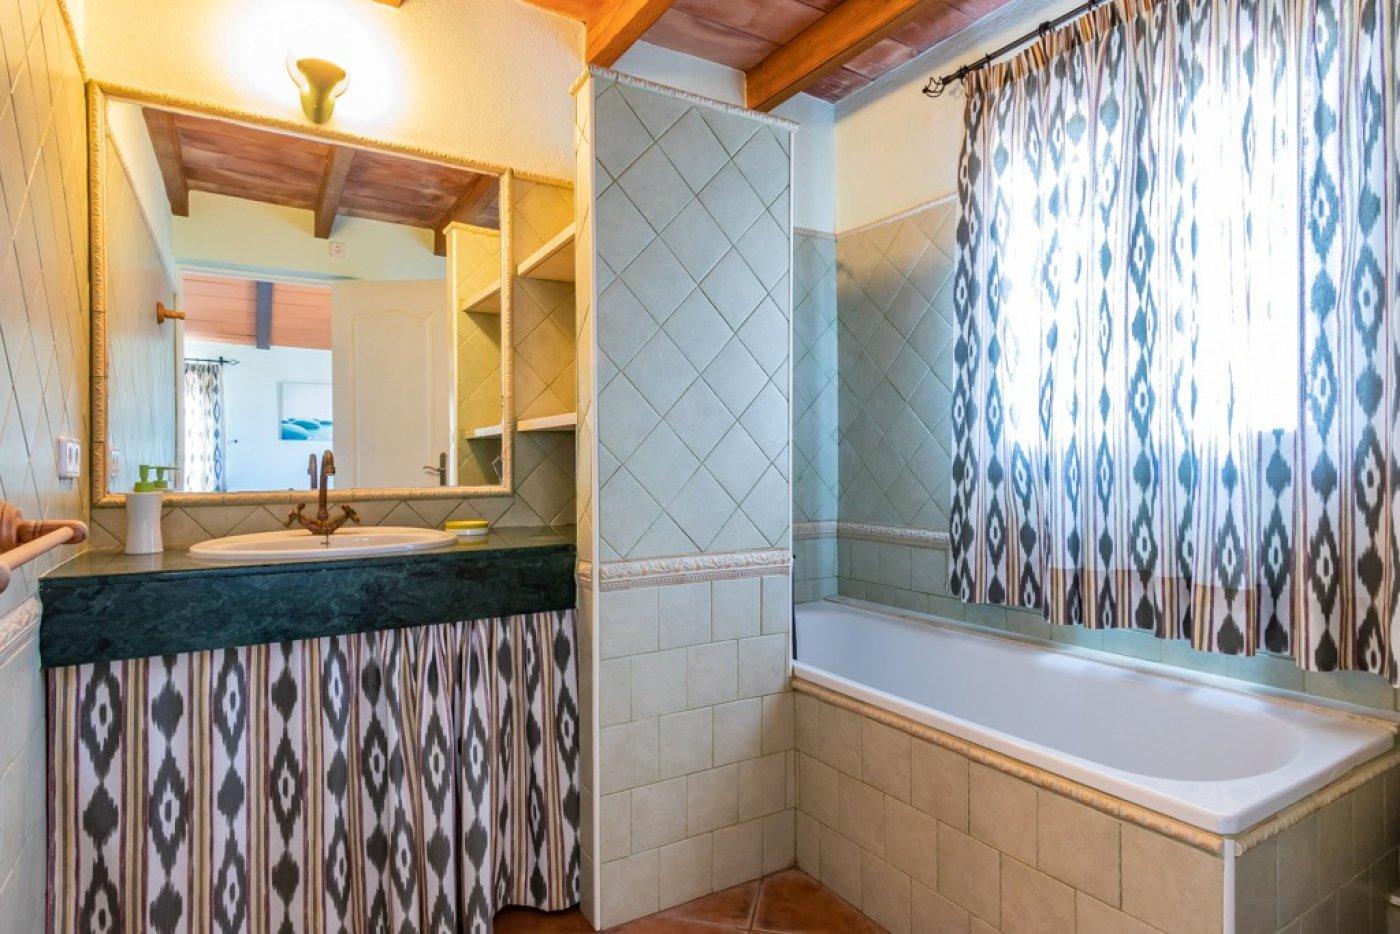 Magnifica villa en ses salines - can somni - ideal inversores turÍsticos - imagenInmueble31